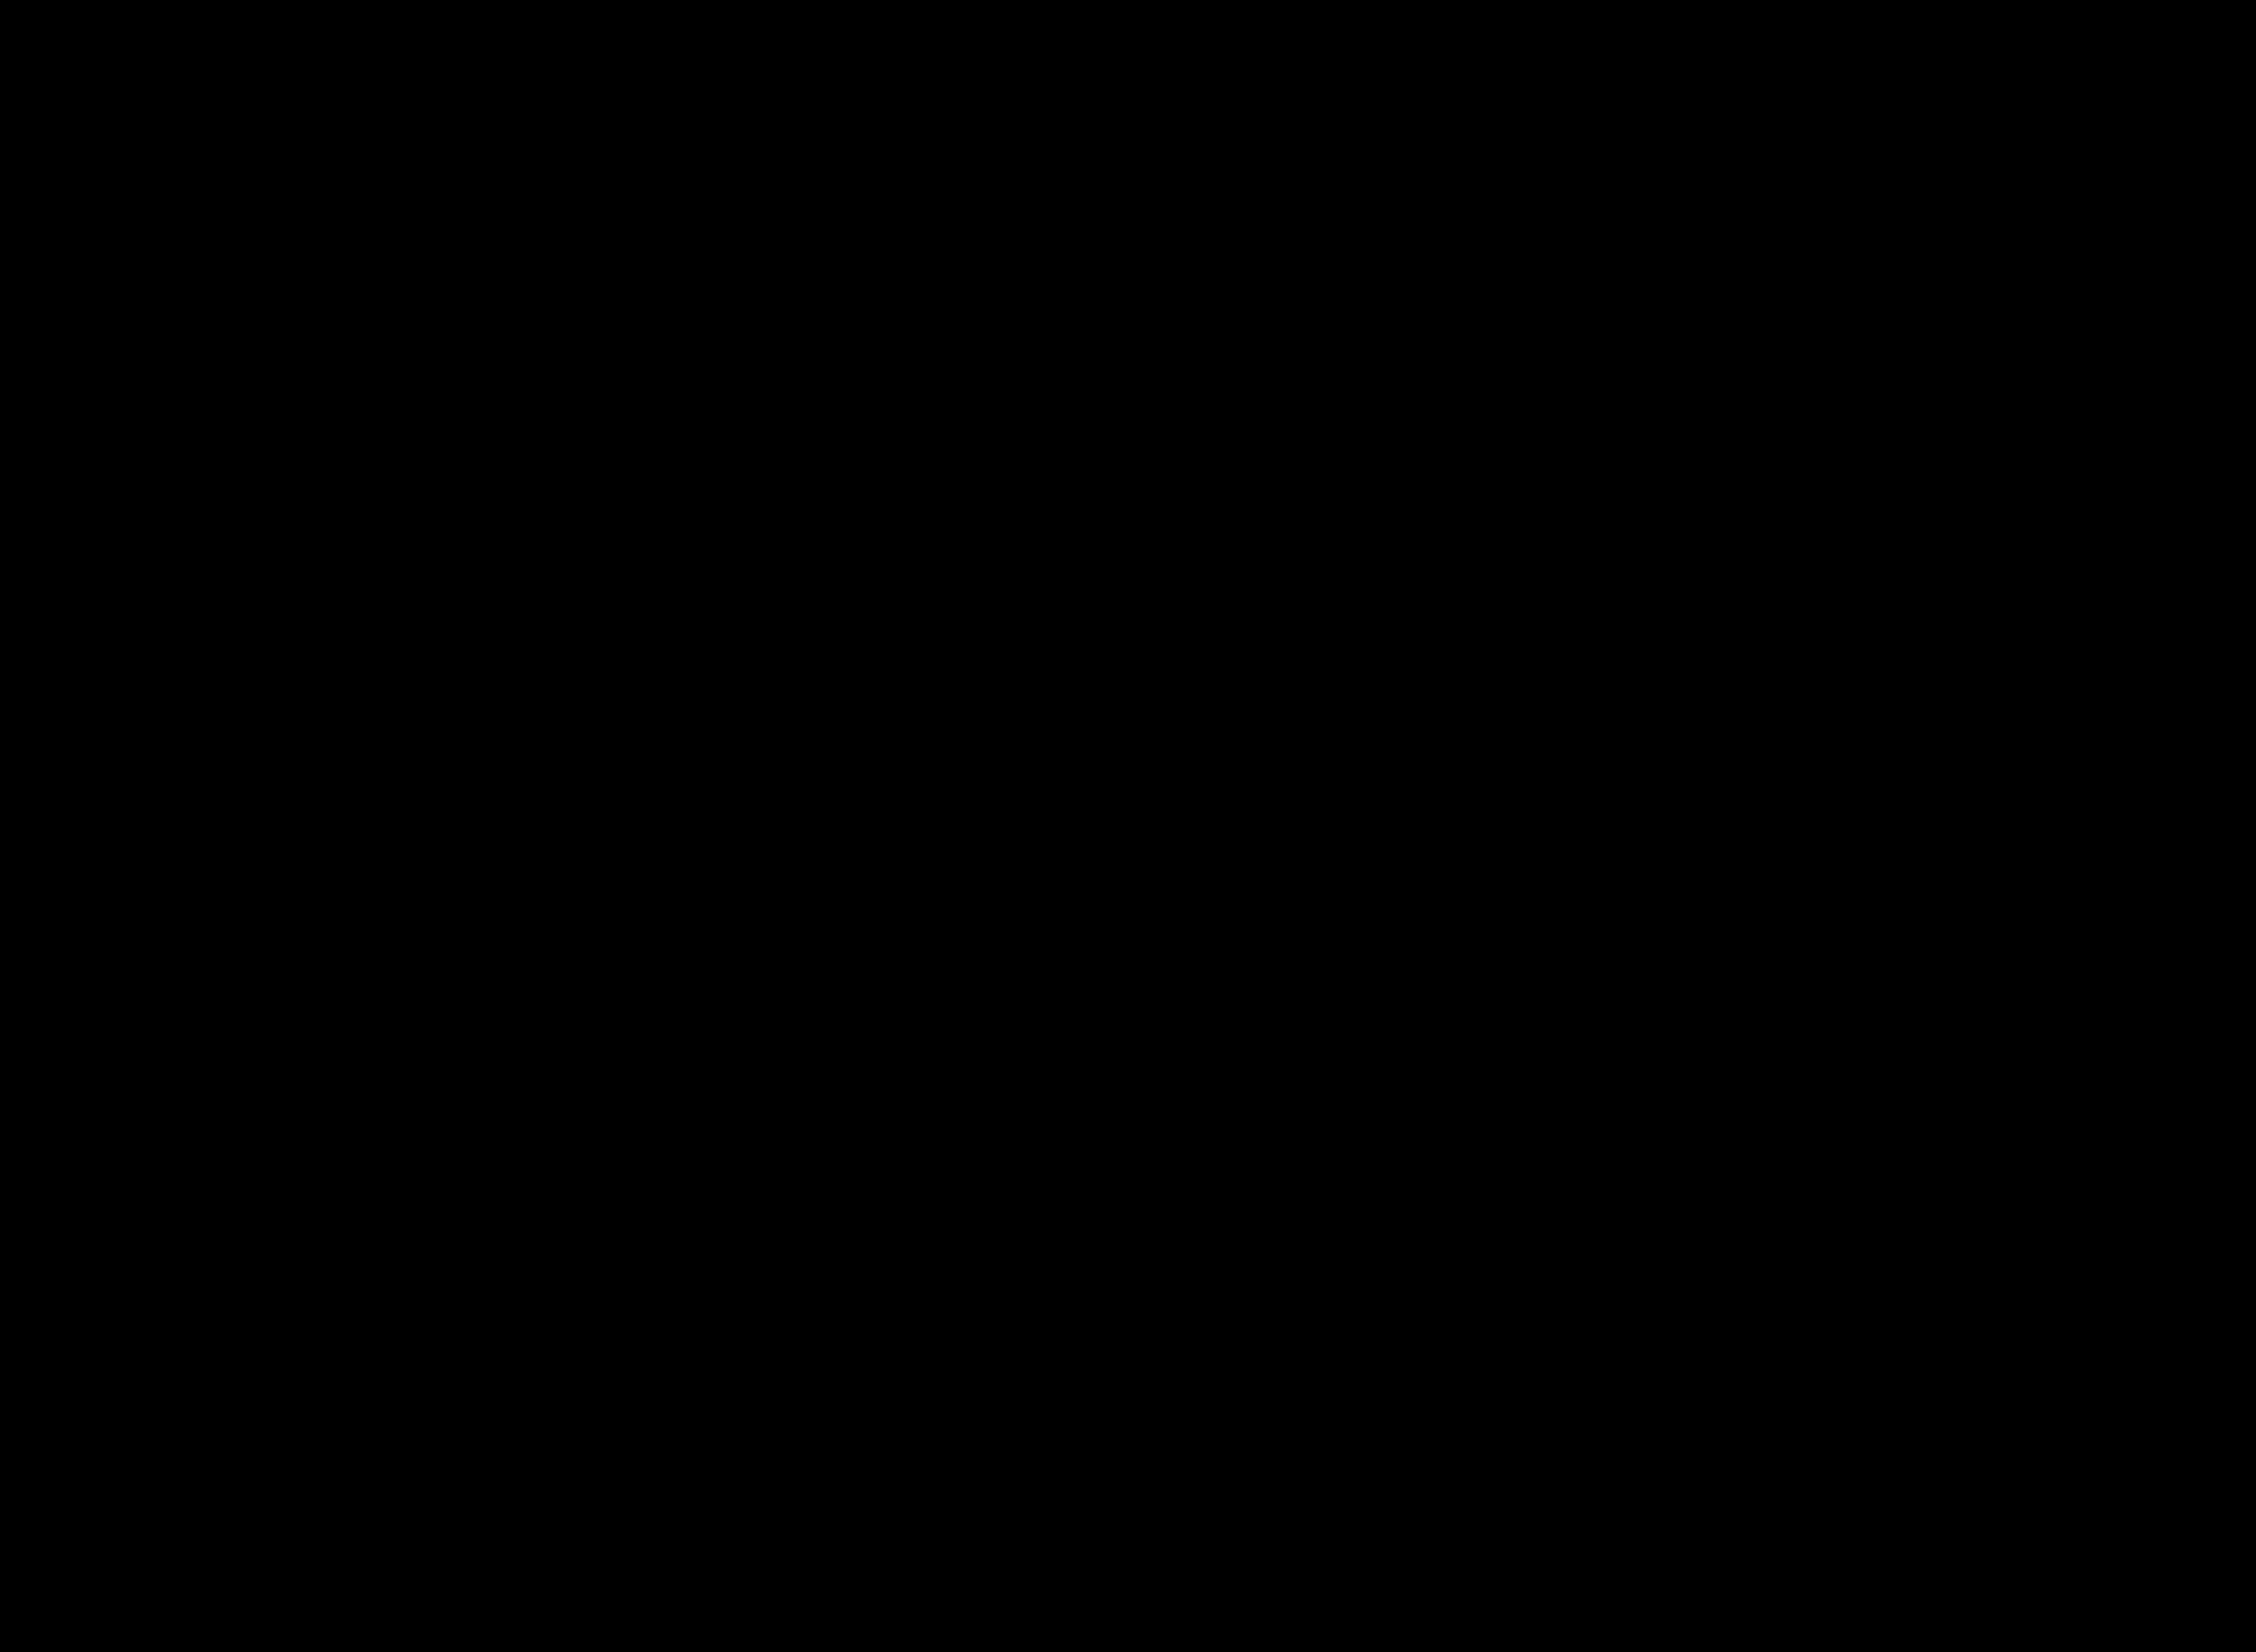 O2O, app e expansão de serviços: as principais tendências da Black Friday 2019-16